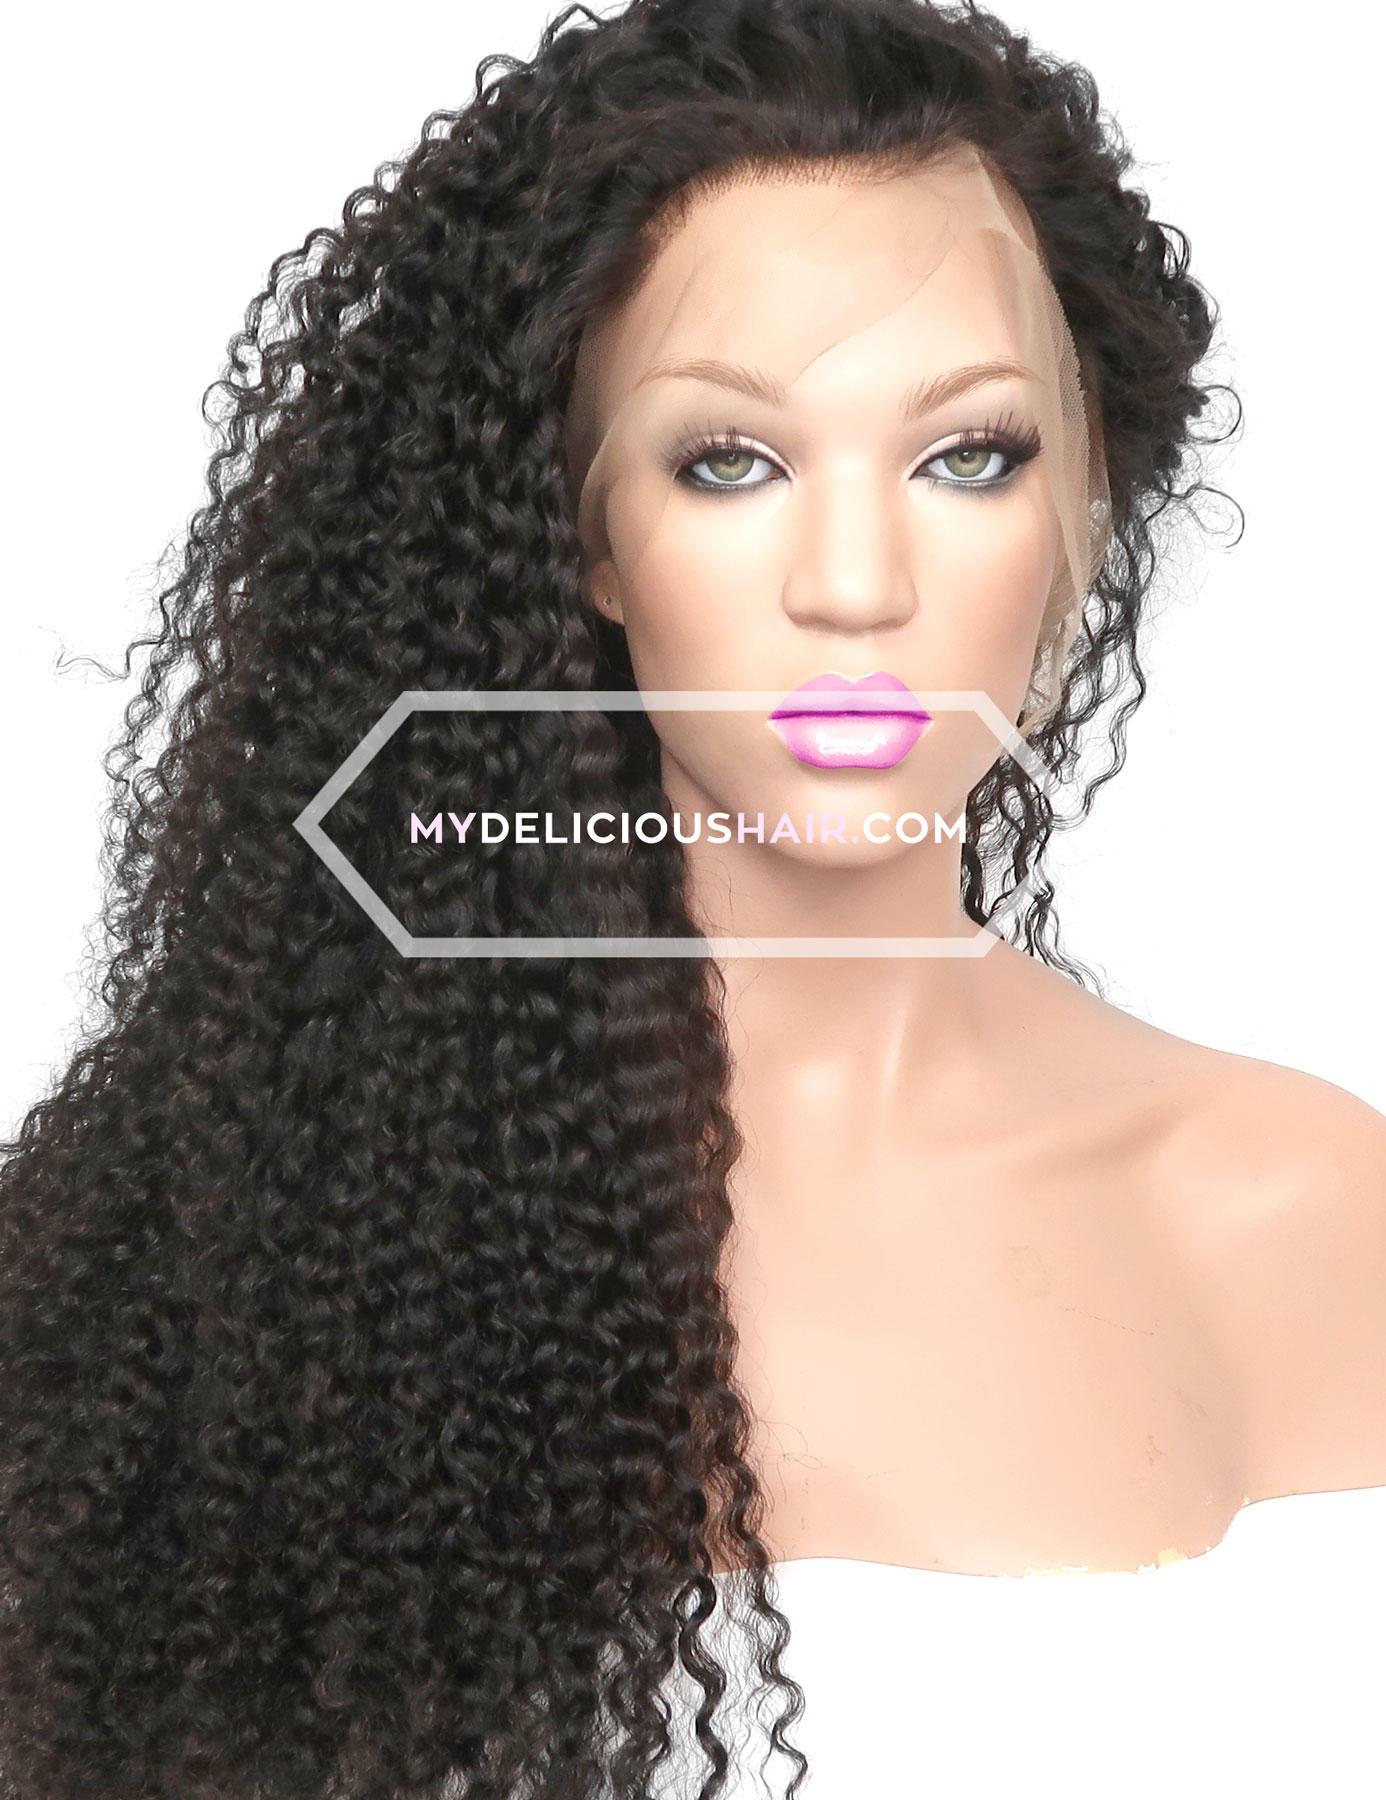 Shop Lace Wigs image 25